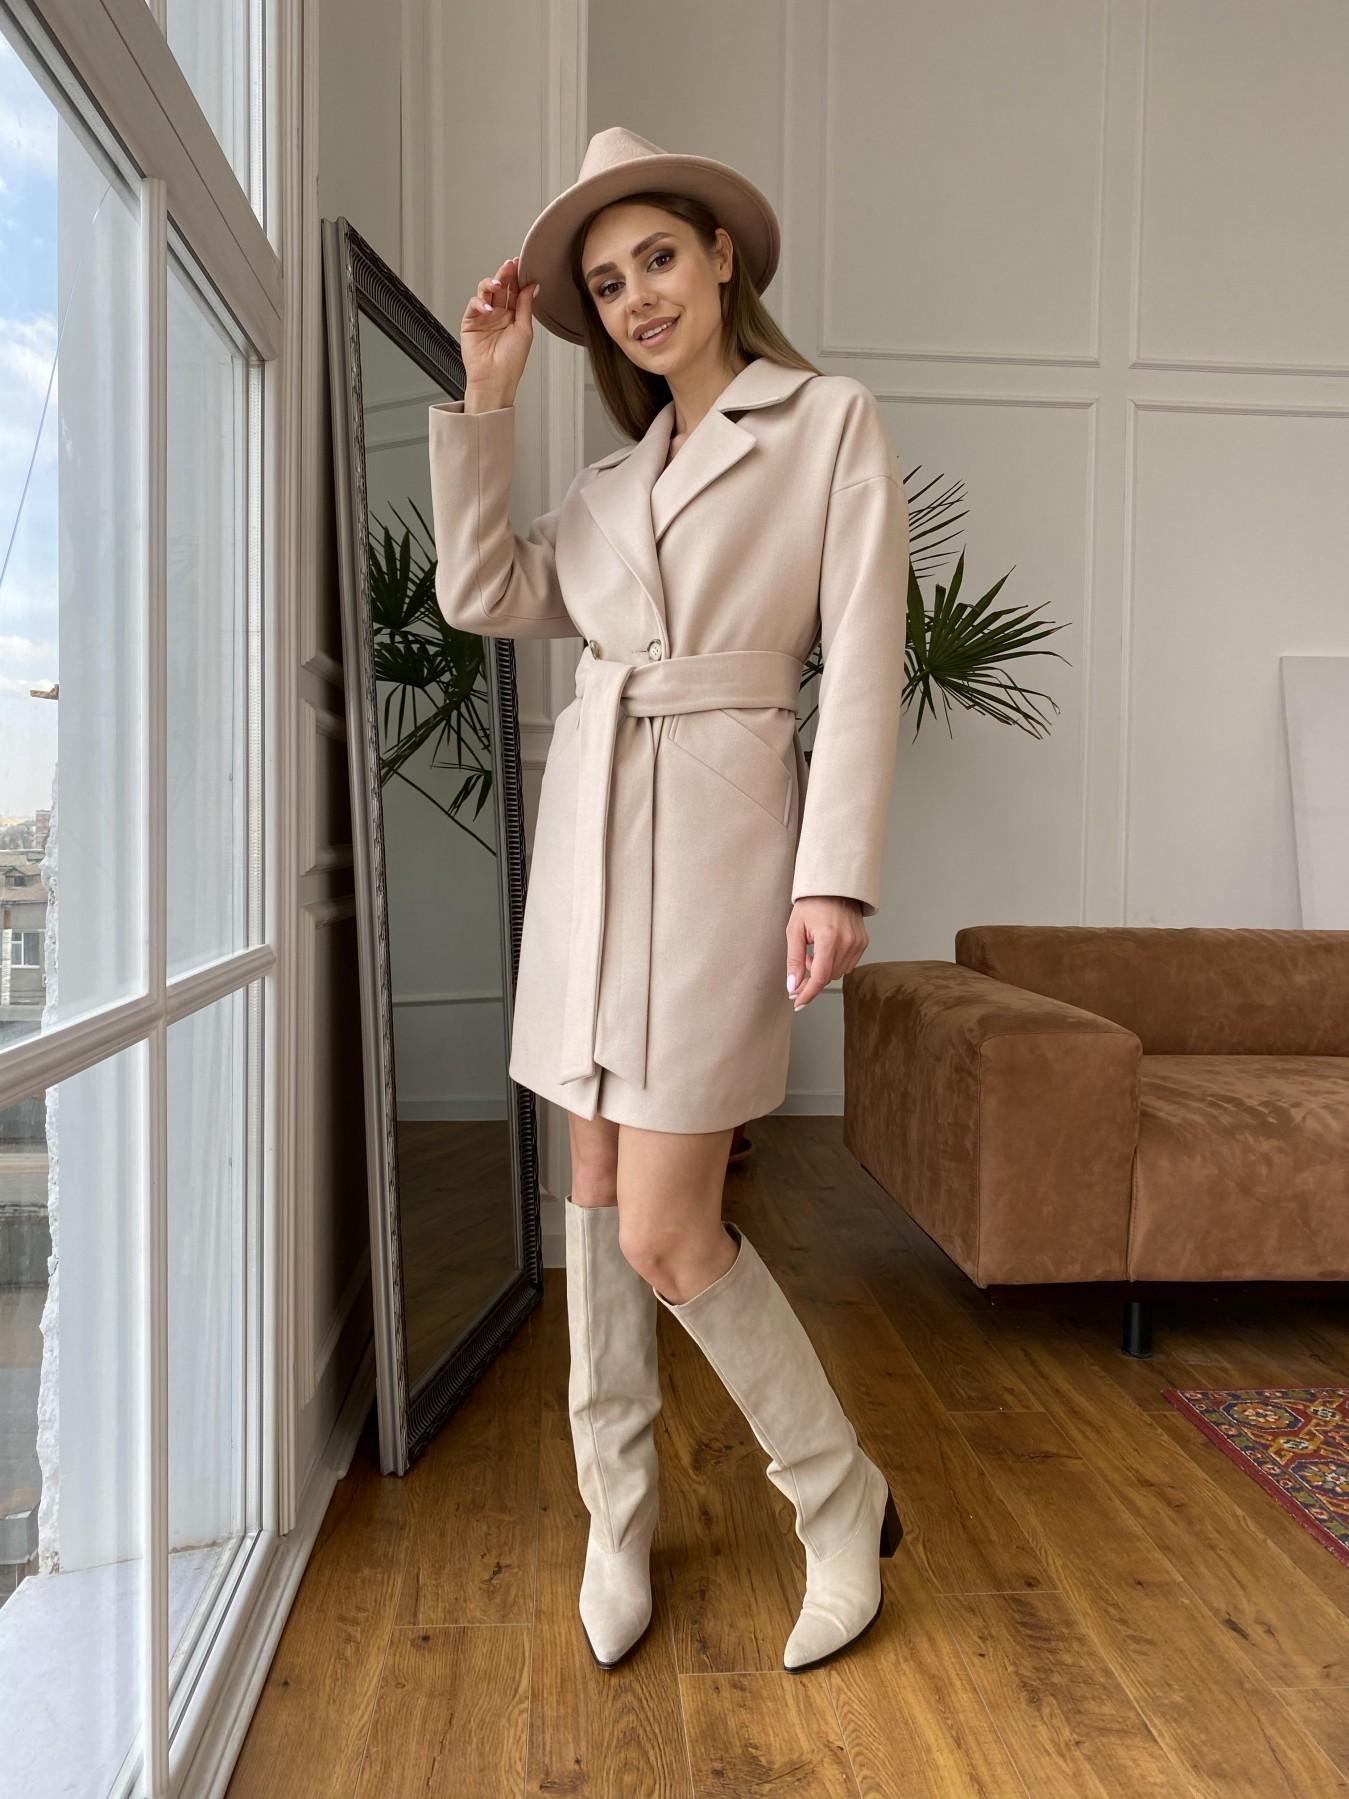 Сенсей пальто  из гладкого кашемира 10905 АРТ. 47373 Цвет: Бежевый - фото 6, интернет магазин tm-modus.ru